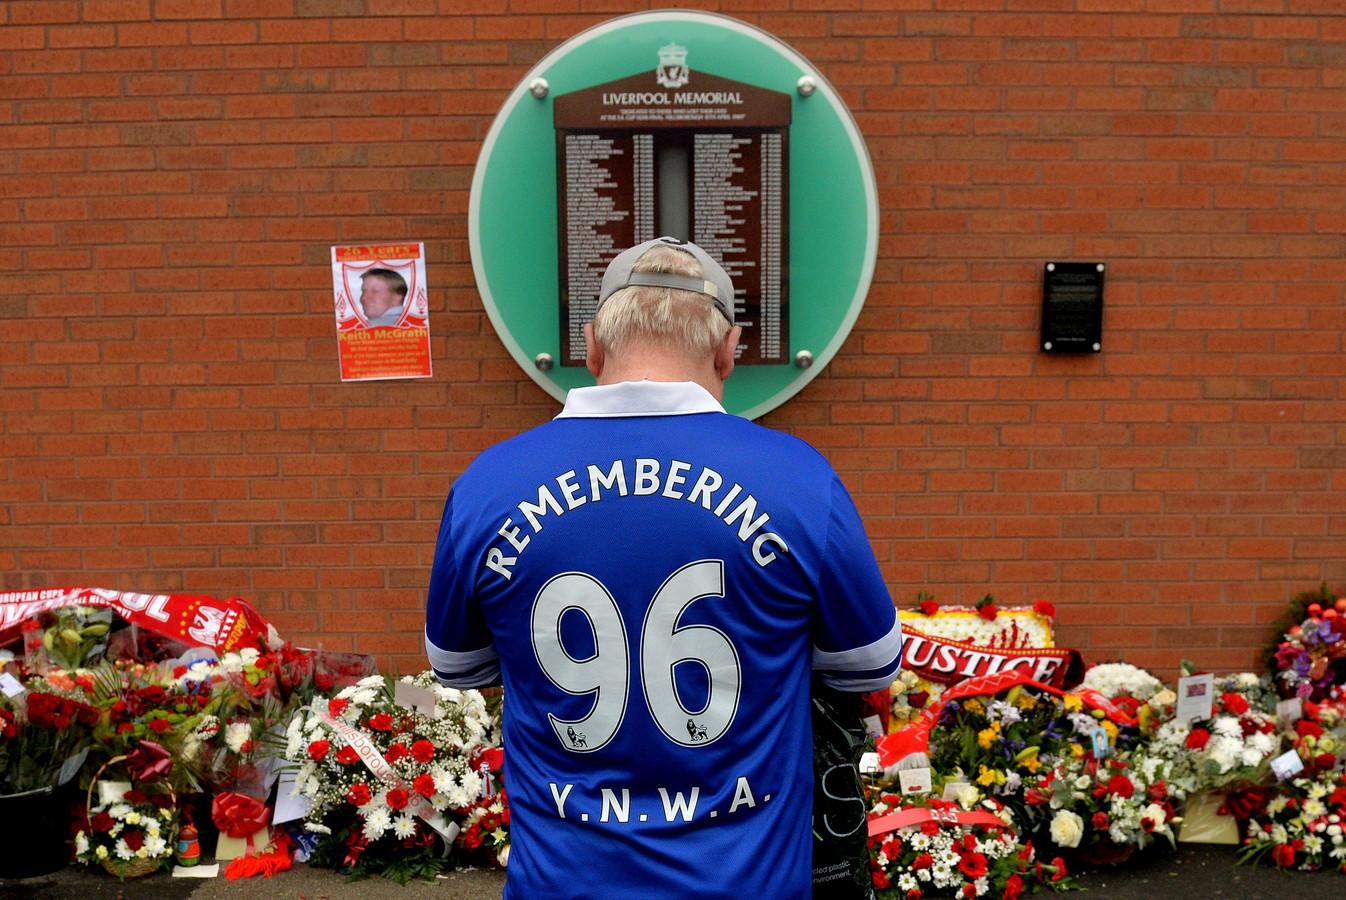 Een supporter van Everton, de andere club van Liverpool,  herdenkt de 96 overledenen bij het herdenkingsmonument aan het stadion van Liverpool FC.  De ramp greep plaats in het stadion Hillsborough  in Sheffield, waar Liverpool FC tegen Nottingham Forest speelde.